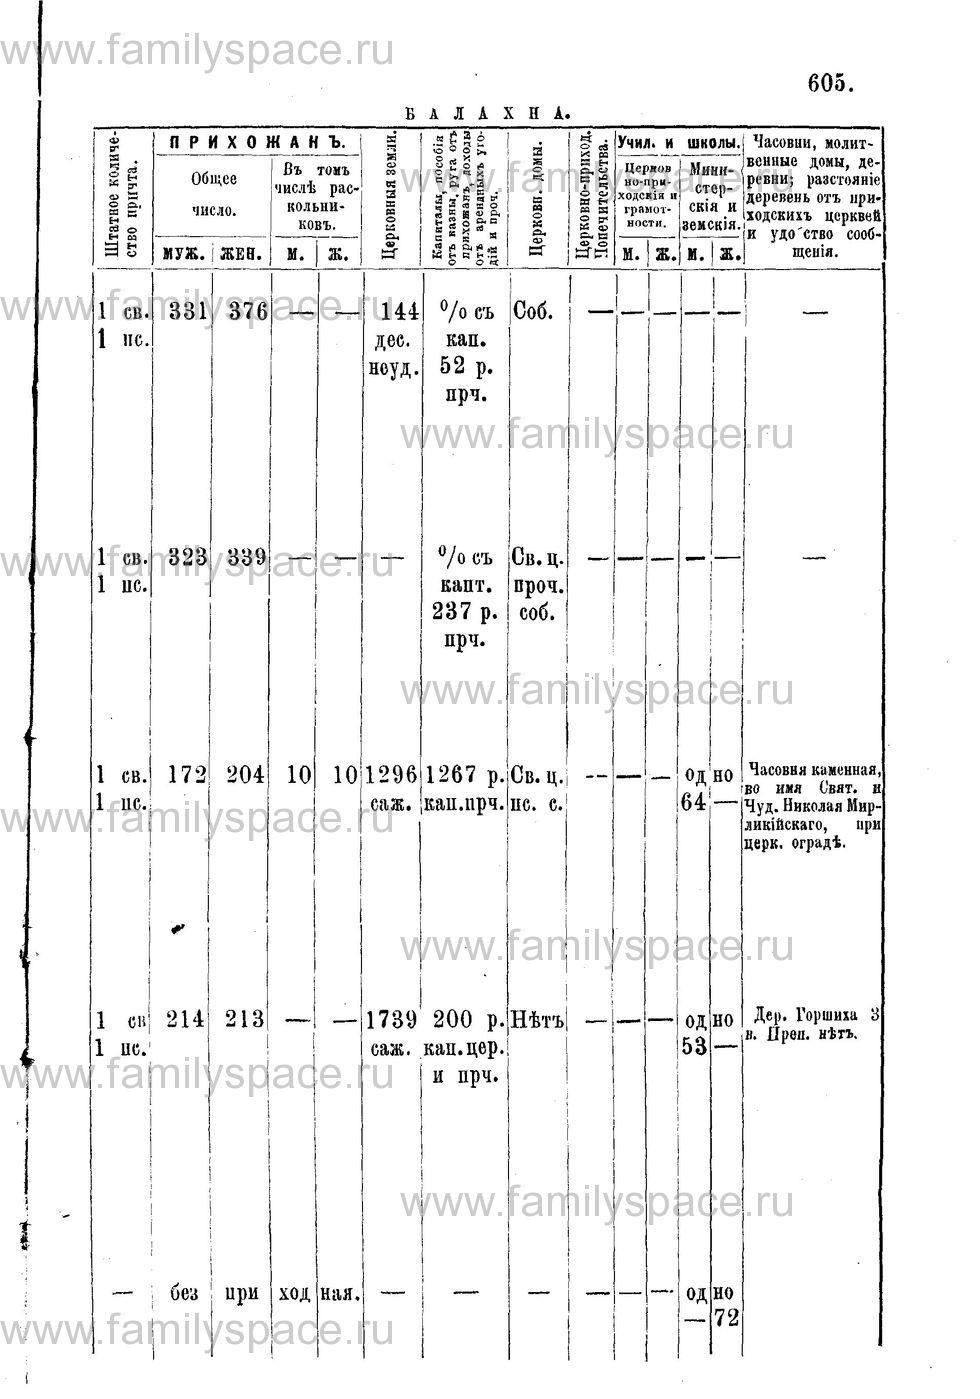 Поиск по фамилии - Адрес-календарь Нижегородской епархии на 1888 год, страница 1605